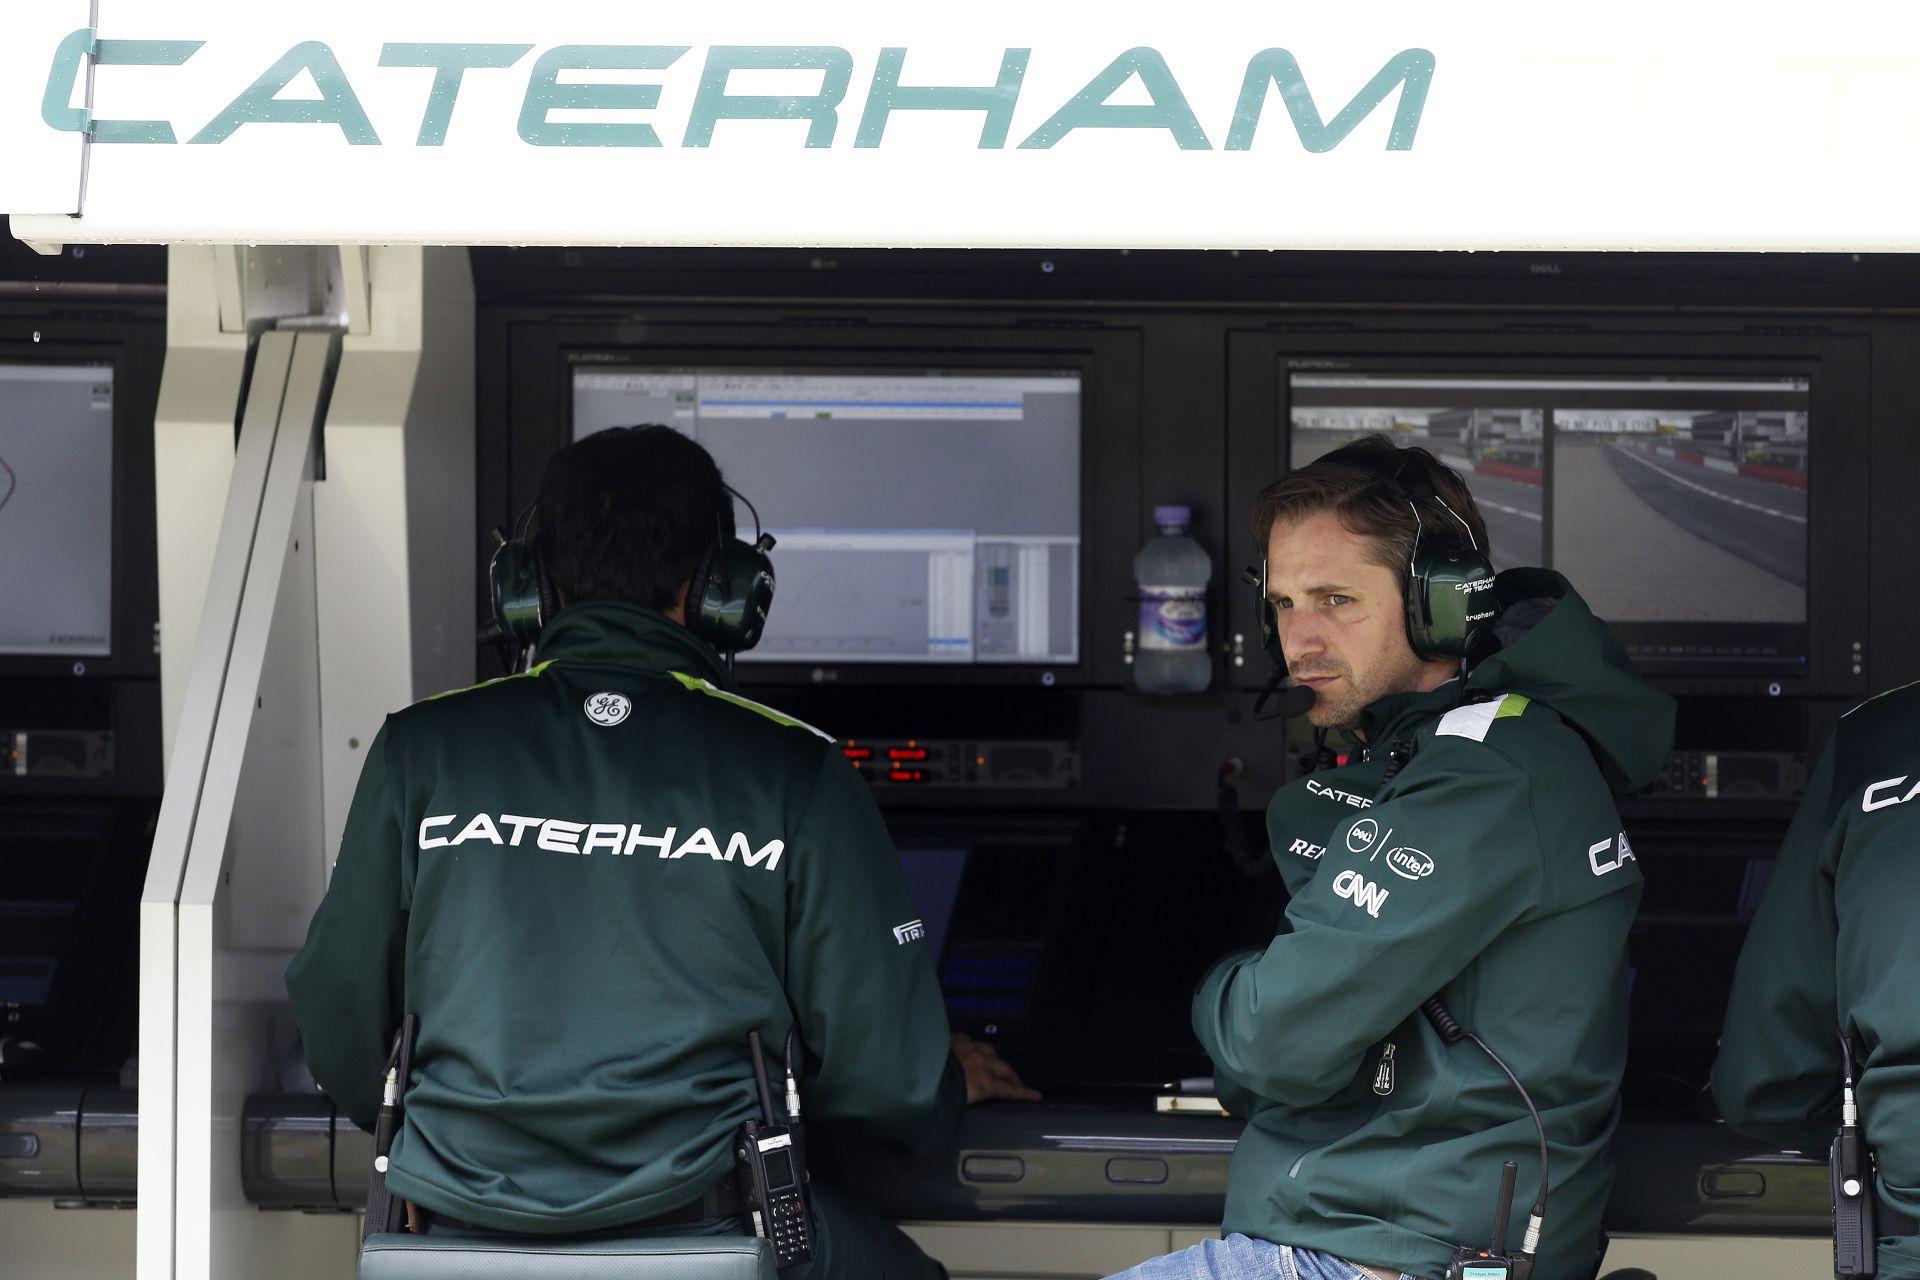 Caterham: Egy nap világbajnokok leszünk az F1-ben? Marhaság!